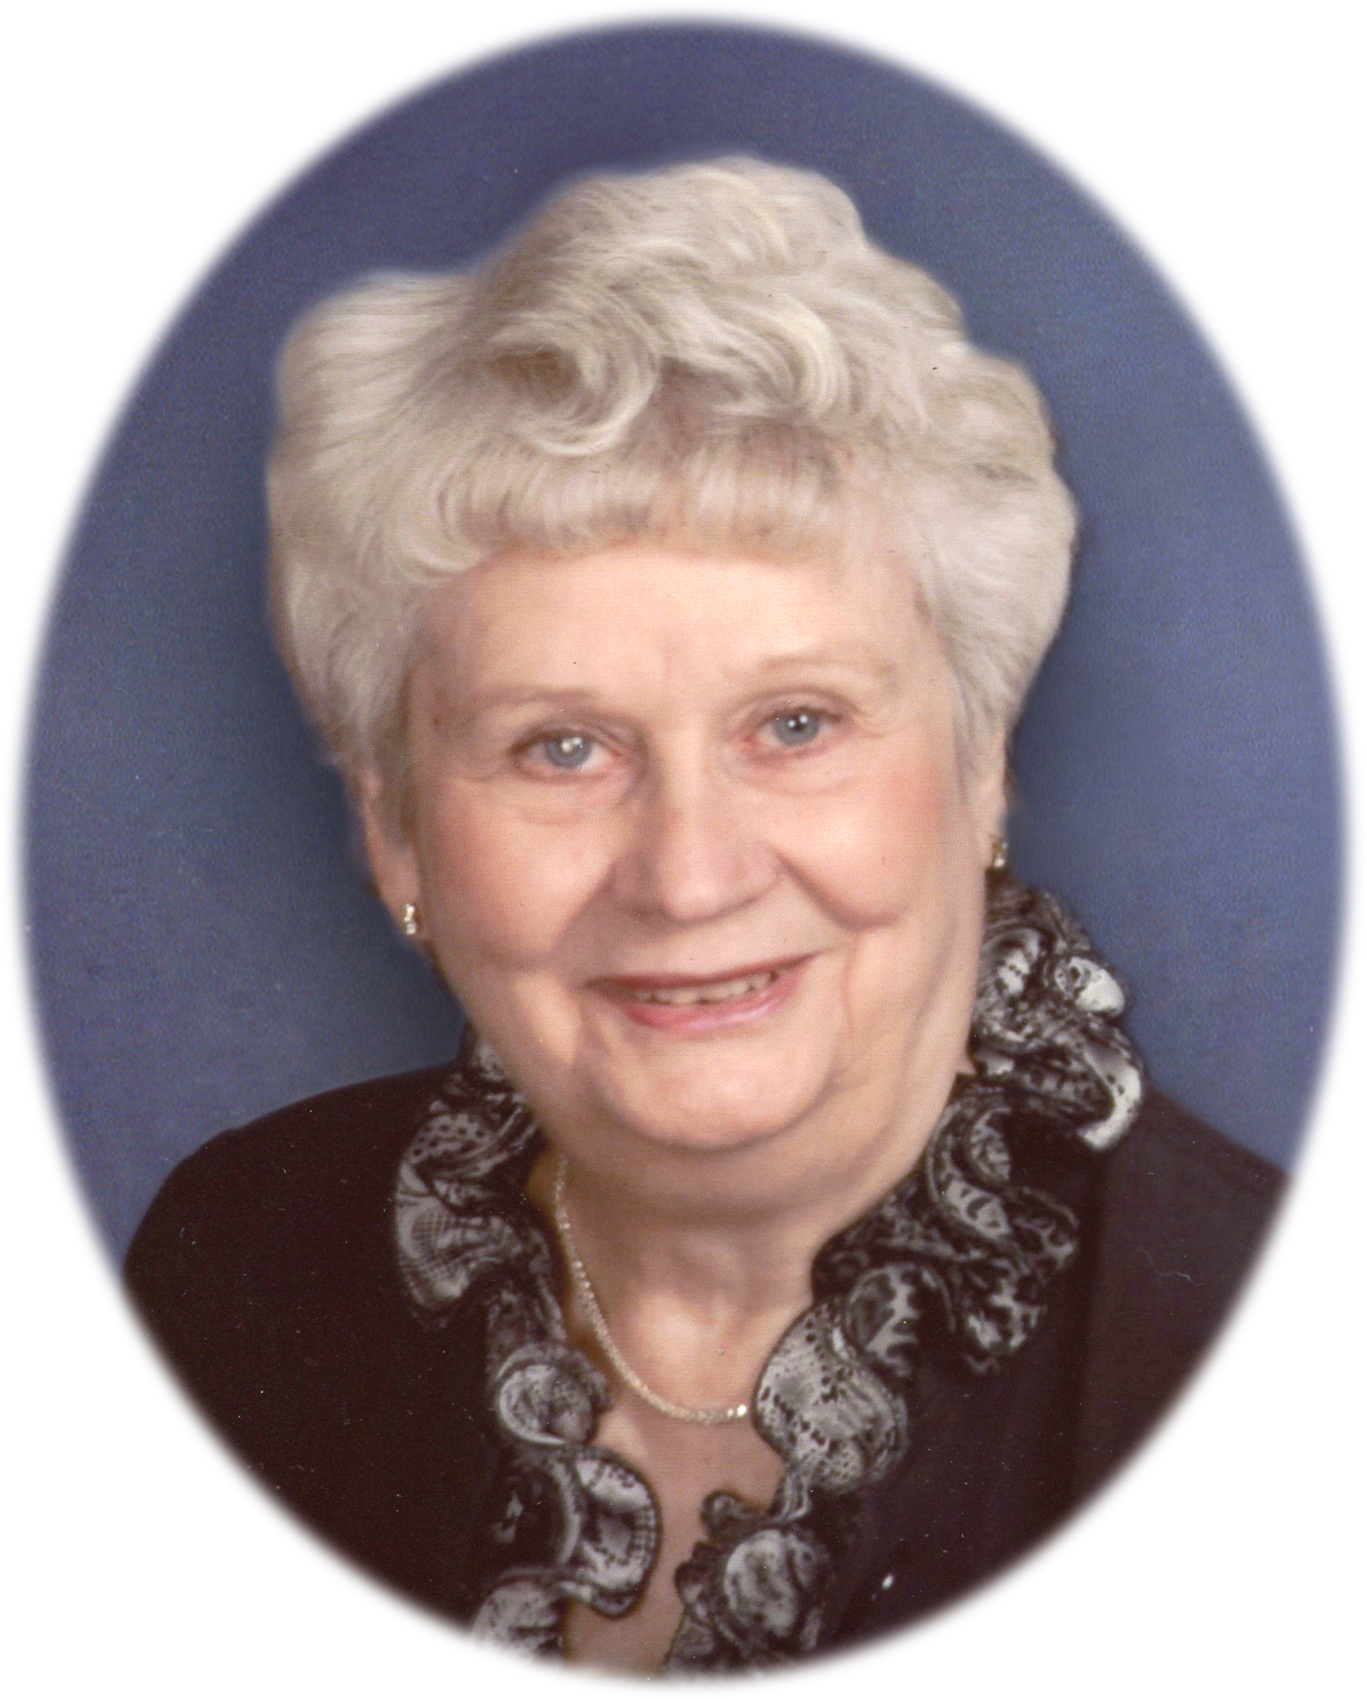 Janet A. Geneski